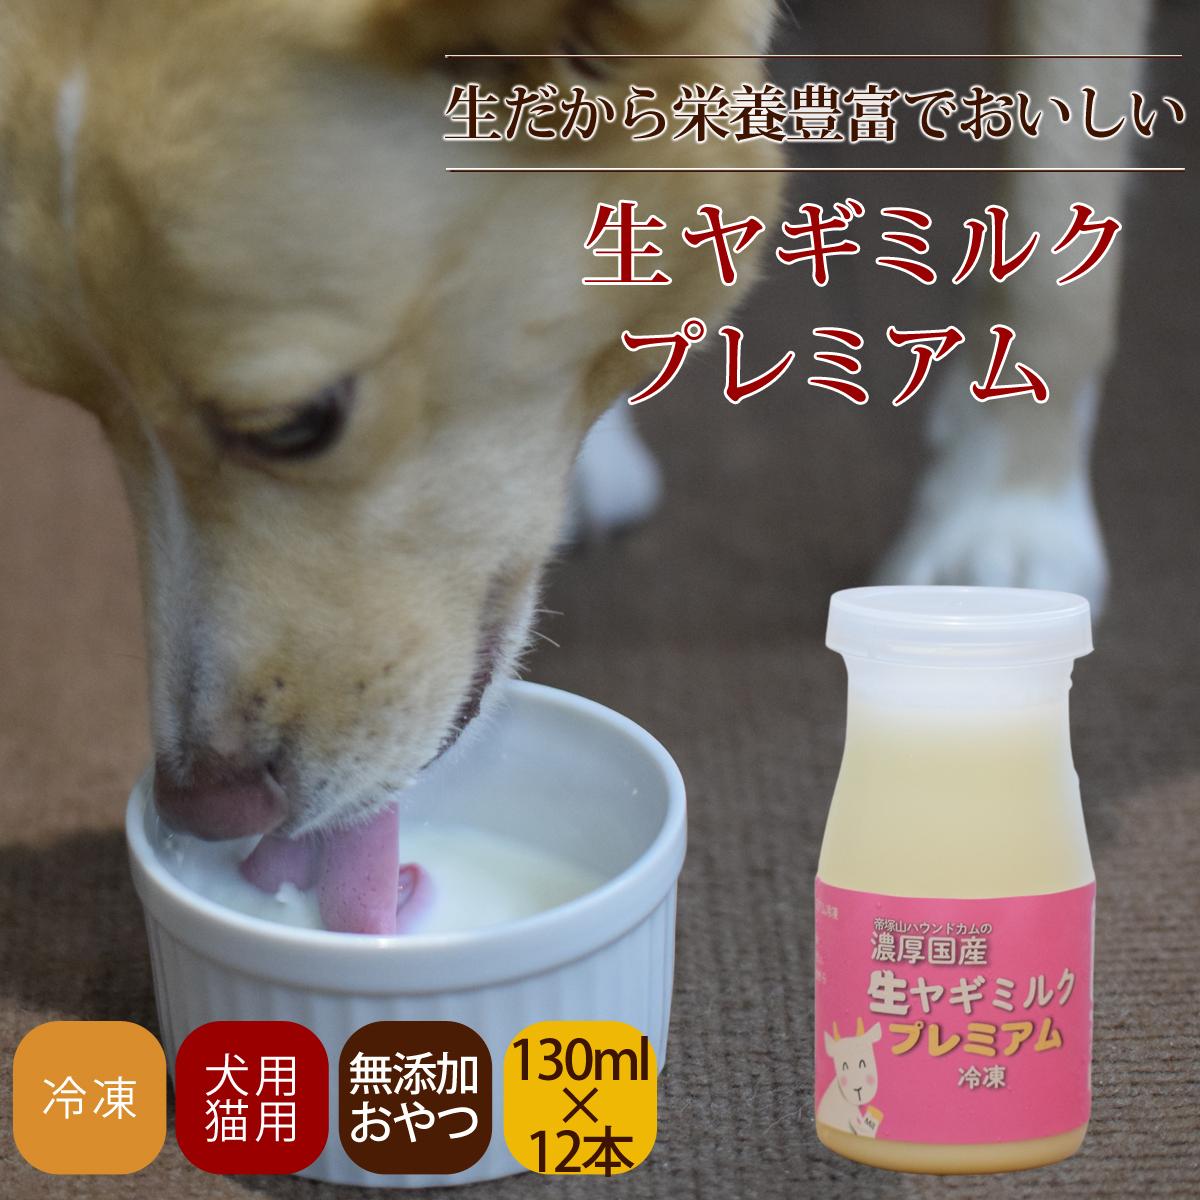 犬猫用 濃厚国産生ヤギミルク プレミアム 12本 冷凍